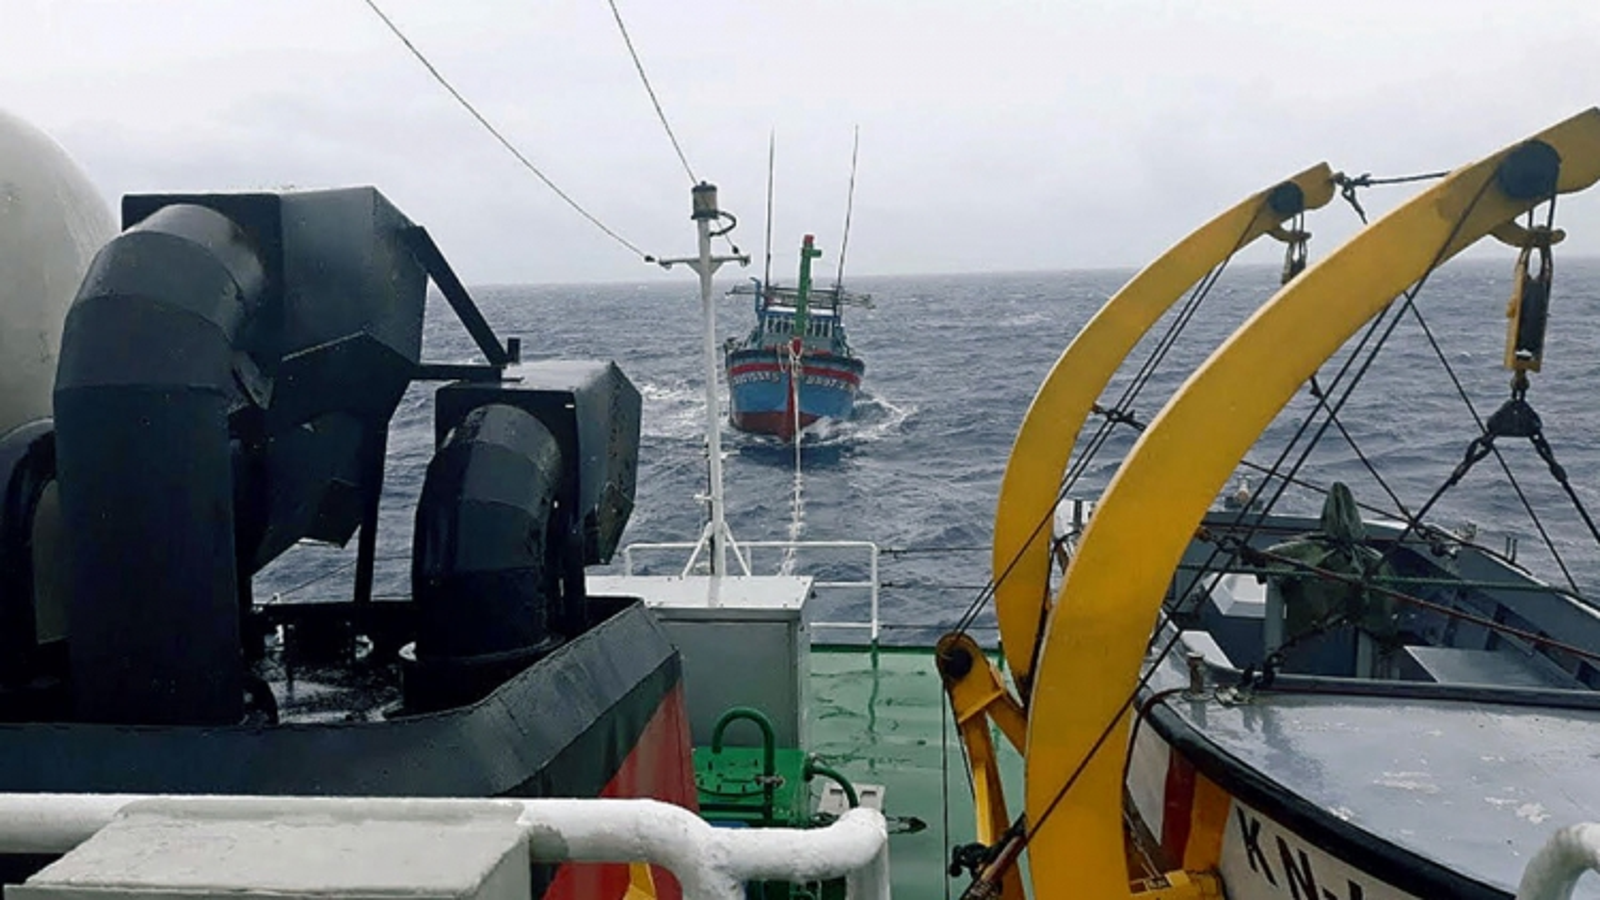 Tàu KN413 cứu tàu cá và 3 ngư dân bị nạn trên biển